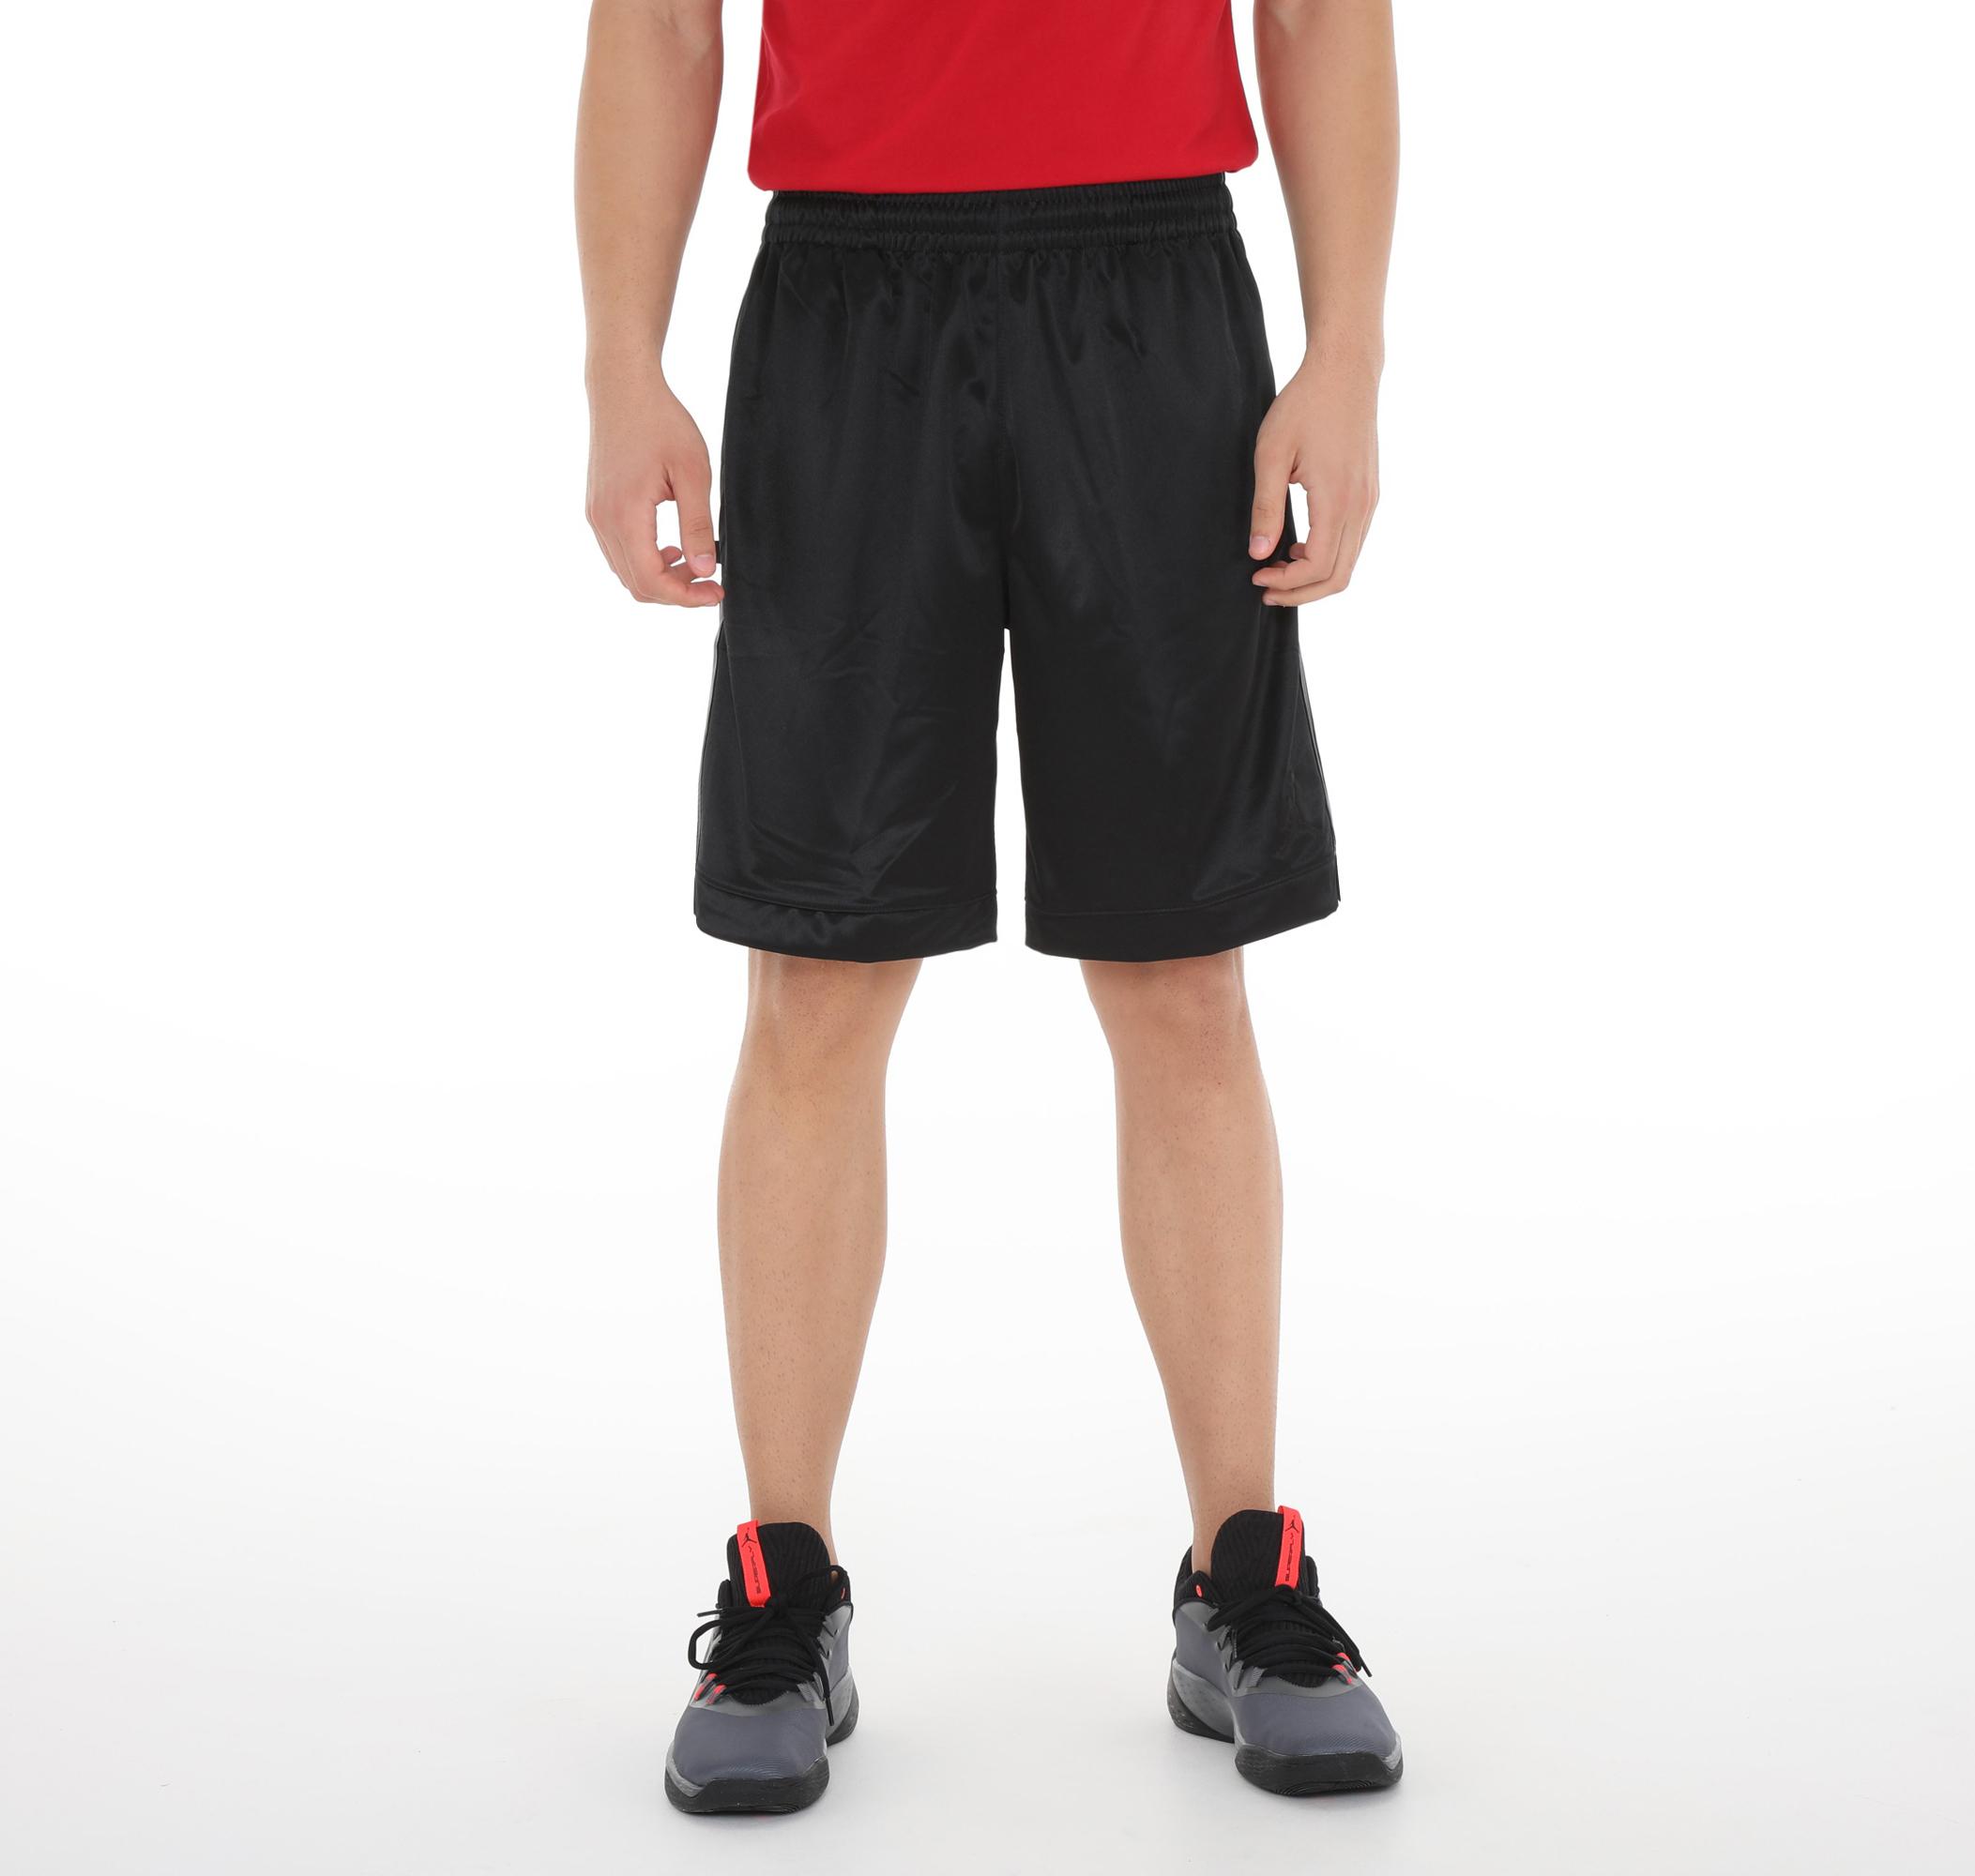 Nike Shımmer Short Erkek Basketbol Şortu